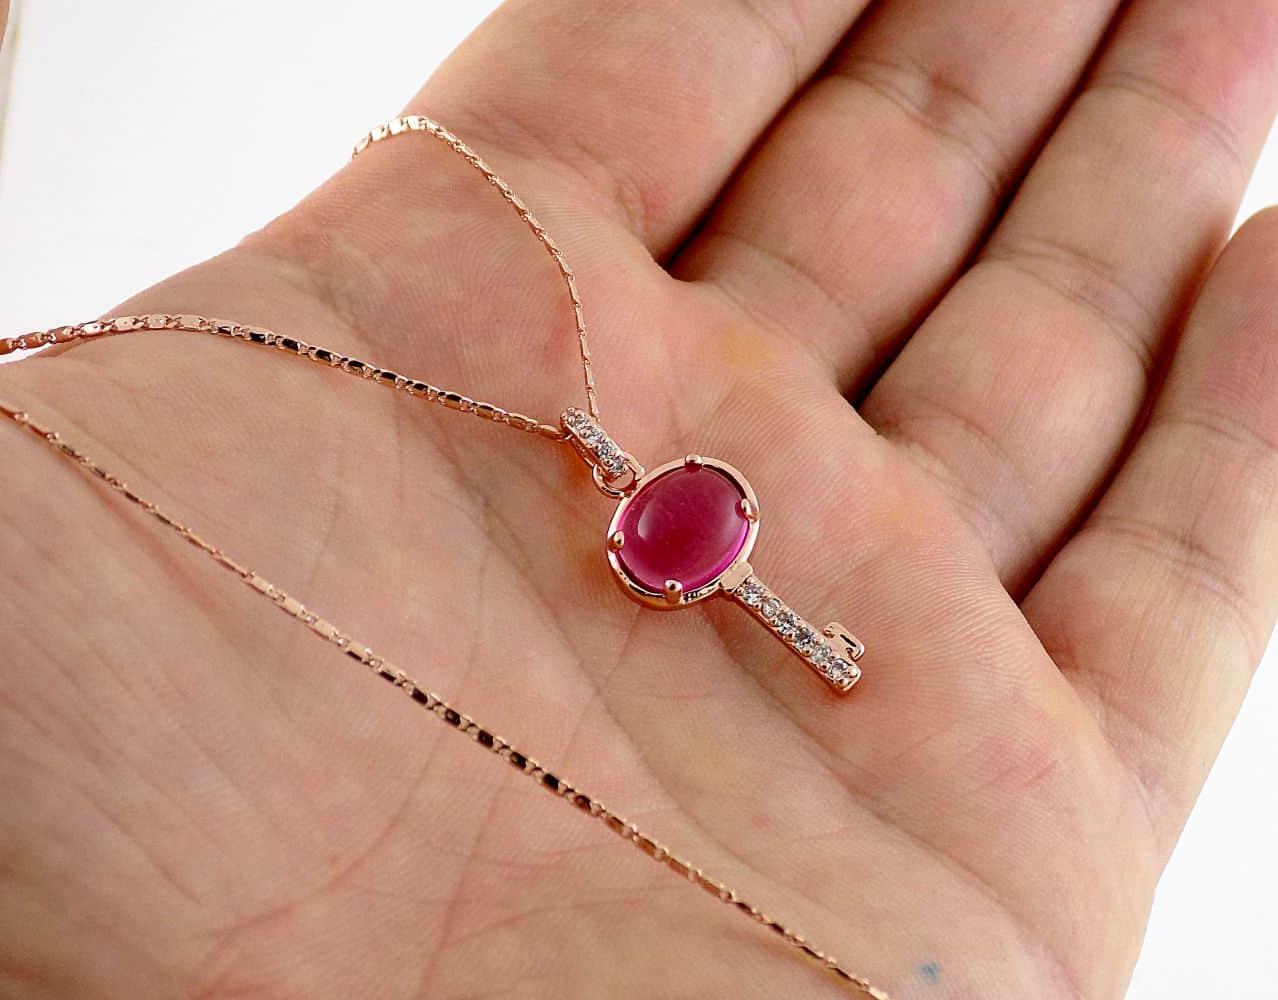 گردنبند دخترانه رزگلد طرح کلید با نگین بنفش سواروسکی اصل nw-n136 از نمای روی دست